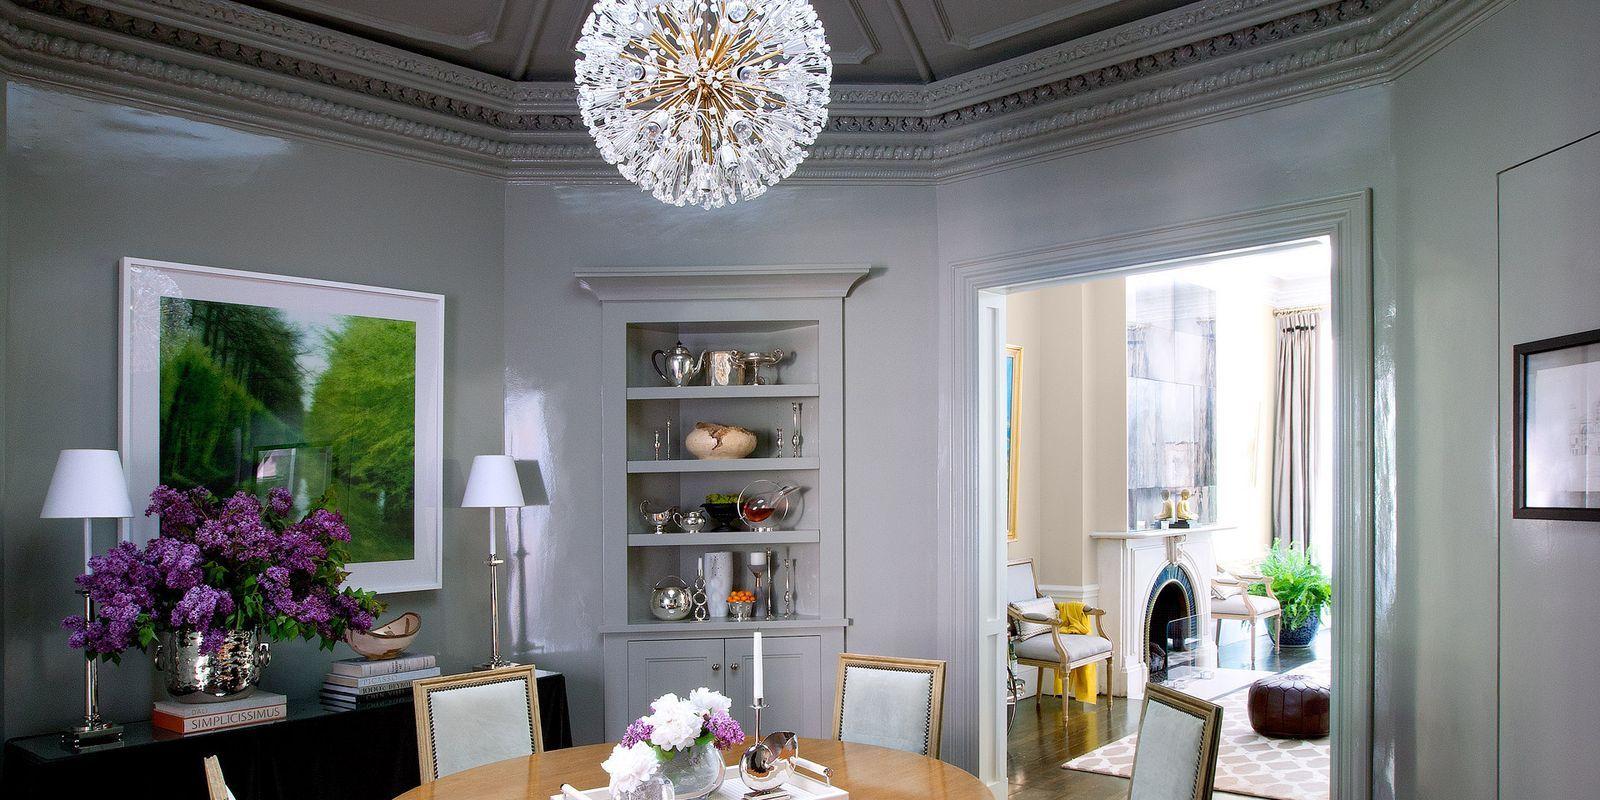 Dining Room Lighting Ideas Dining Room Chandelier